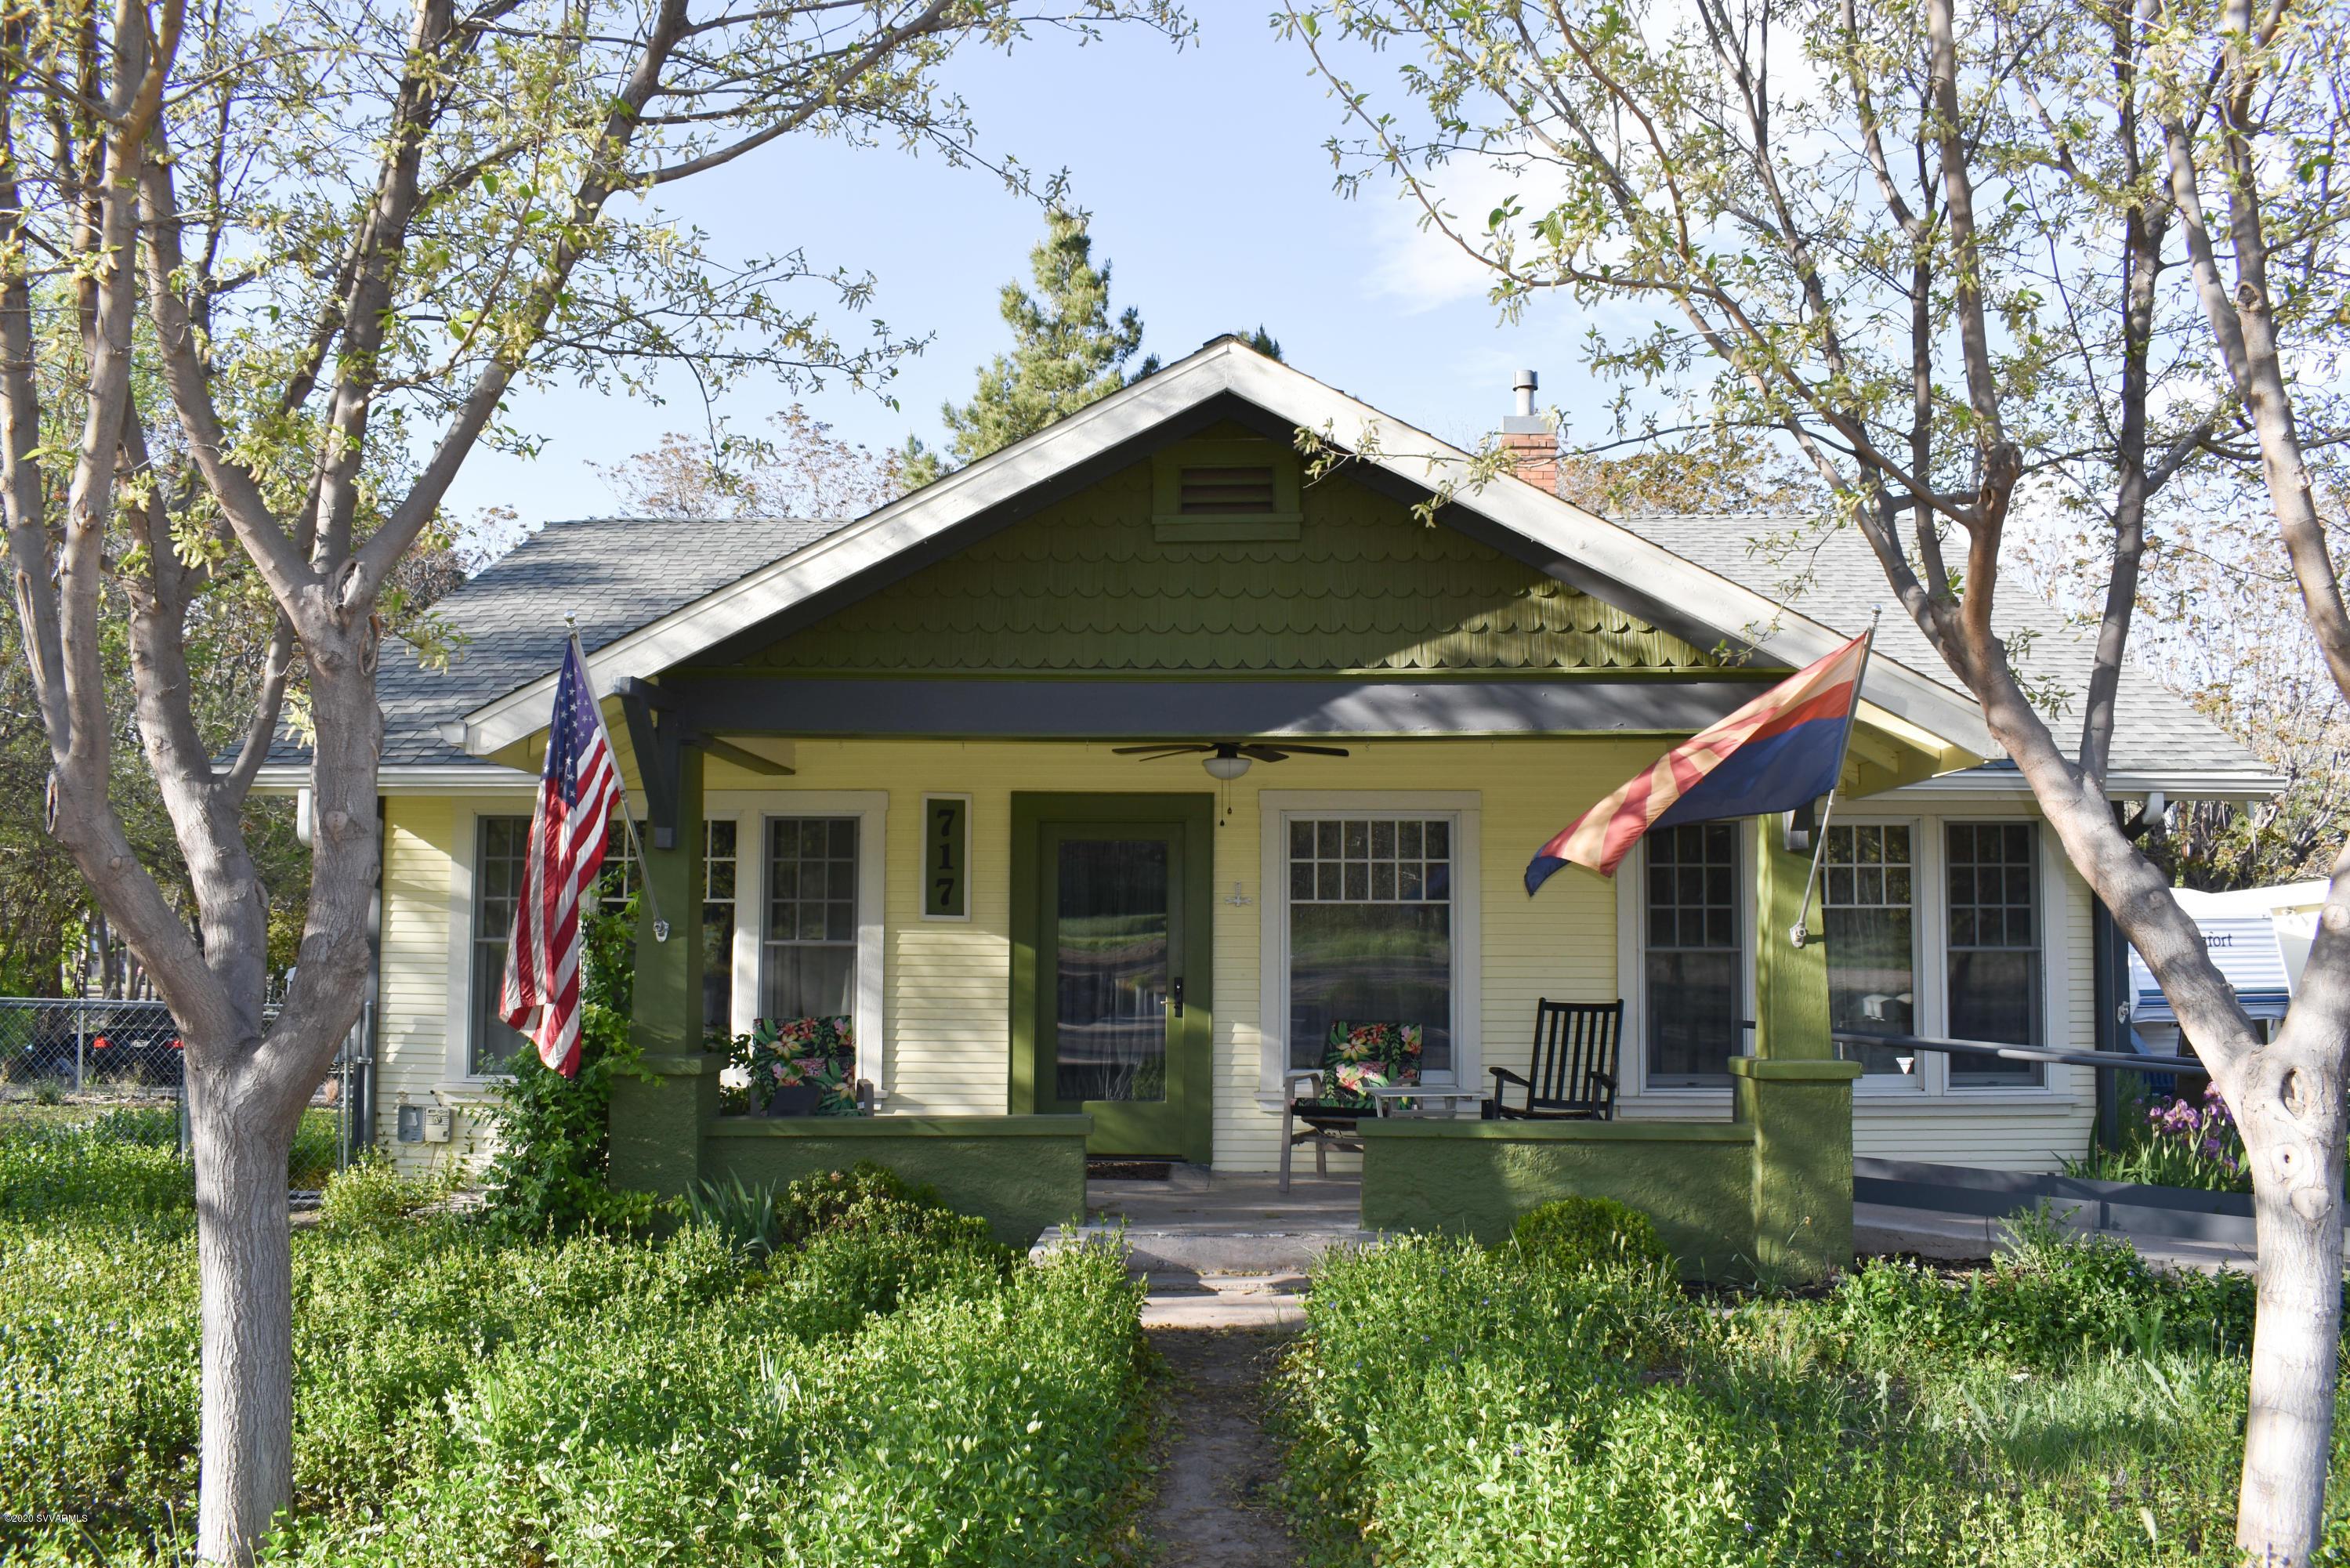 717 N Main St Cottonwood, AZ 86326